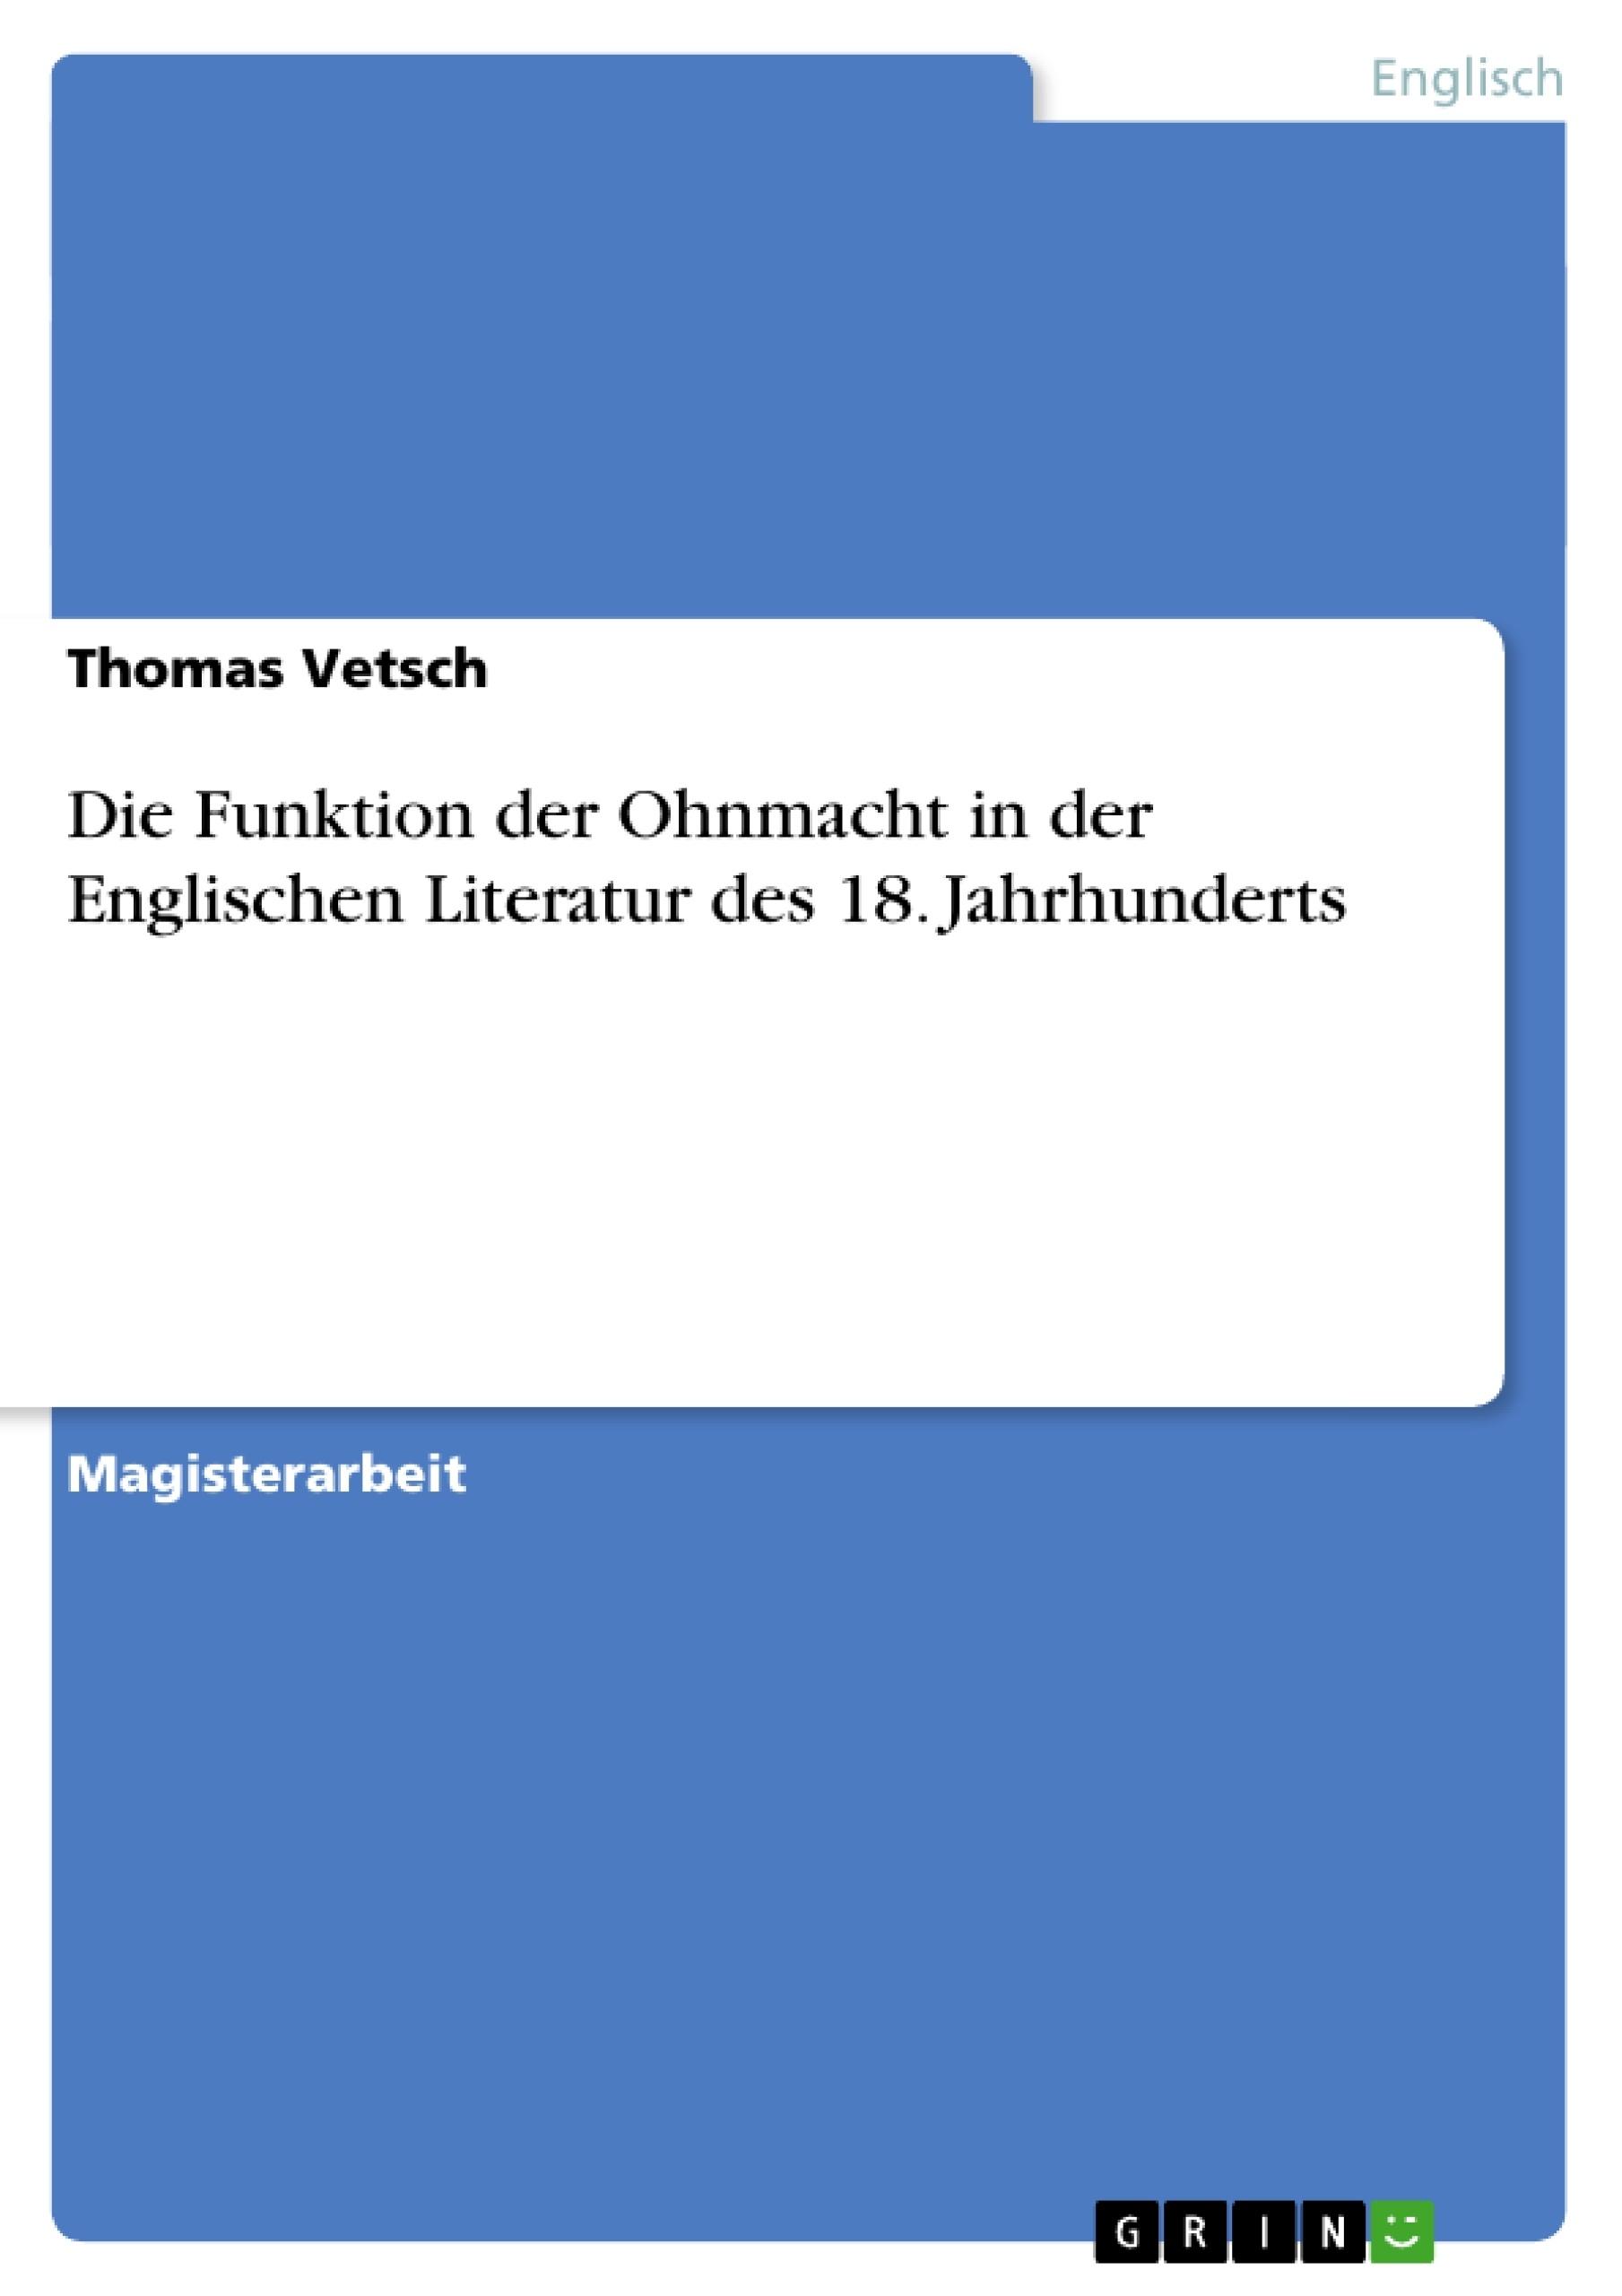 Die Funktion der Ohnmacht in der Englischen Literatur des 18 ...